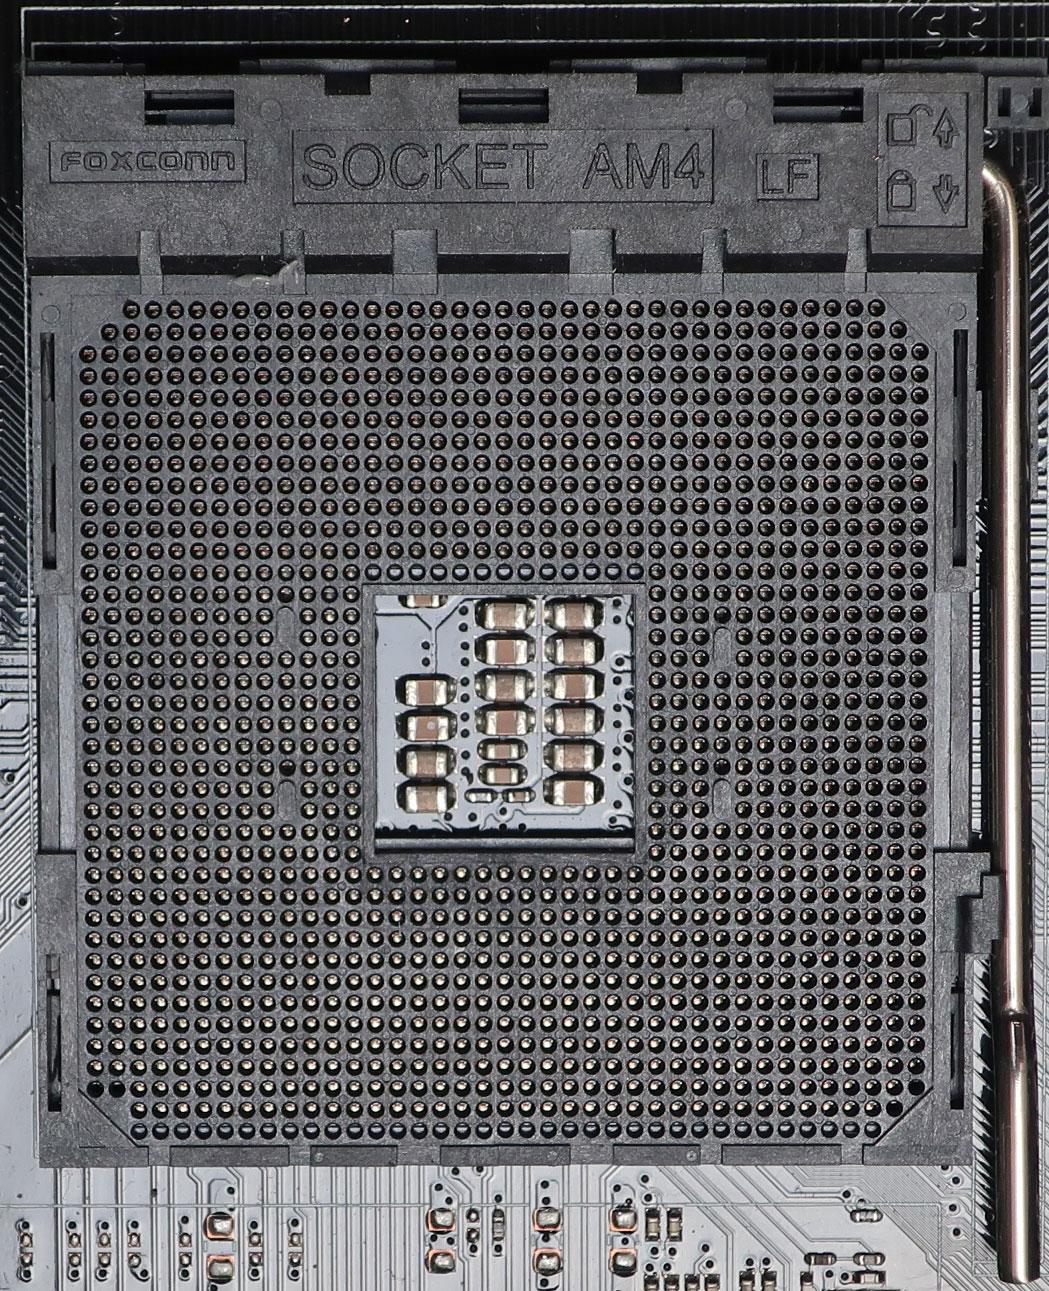 Jenis Jenis Prosesor : jenis, prosesor, Jenis-jenis, Socket, Processor, Penjelasannya, Barcode